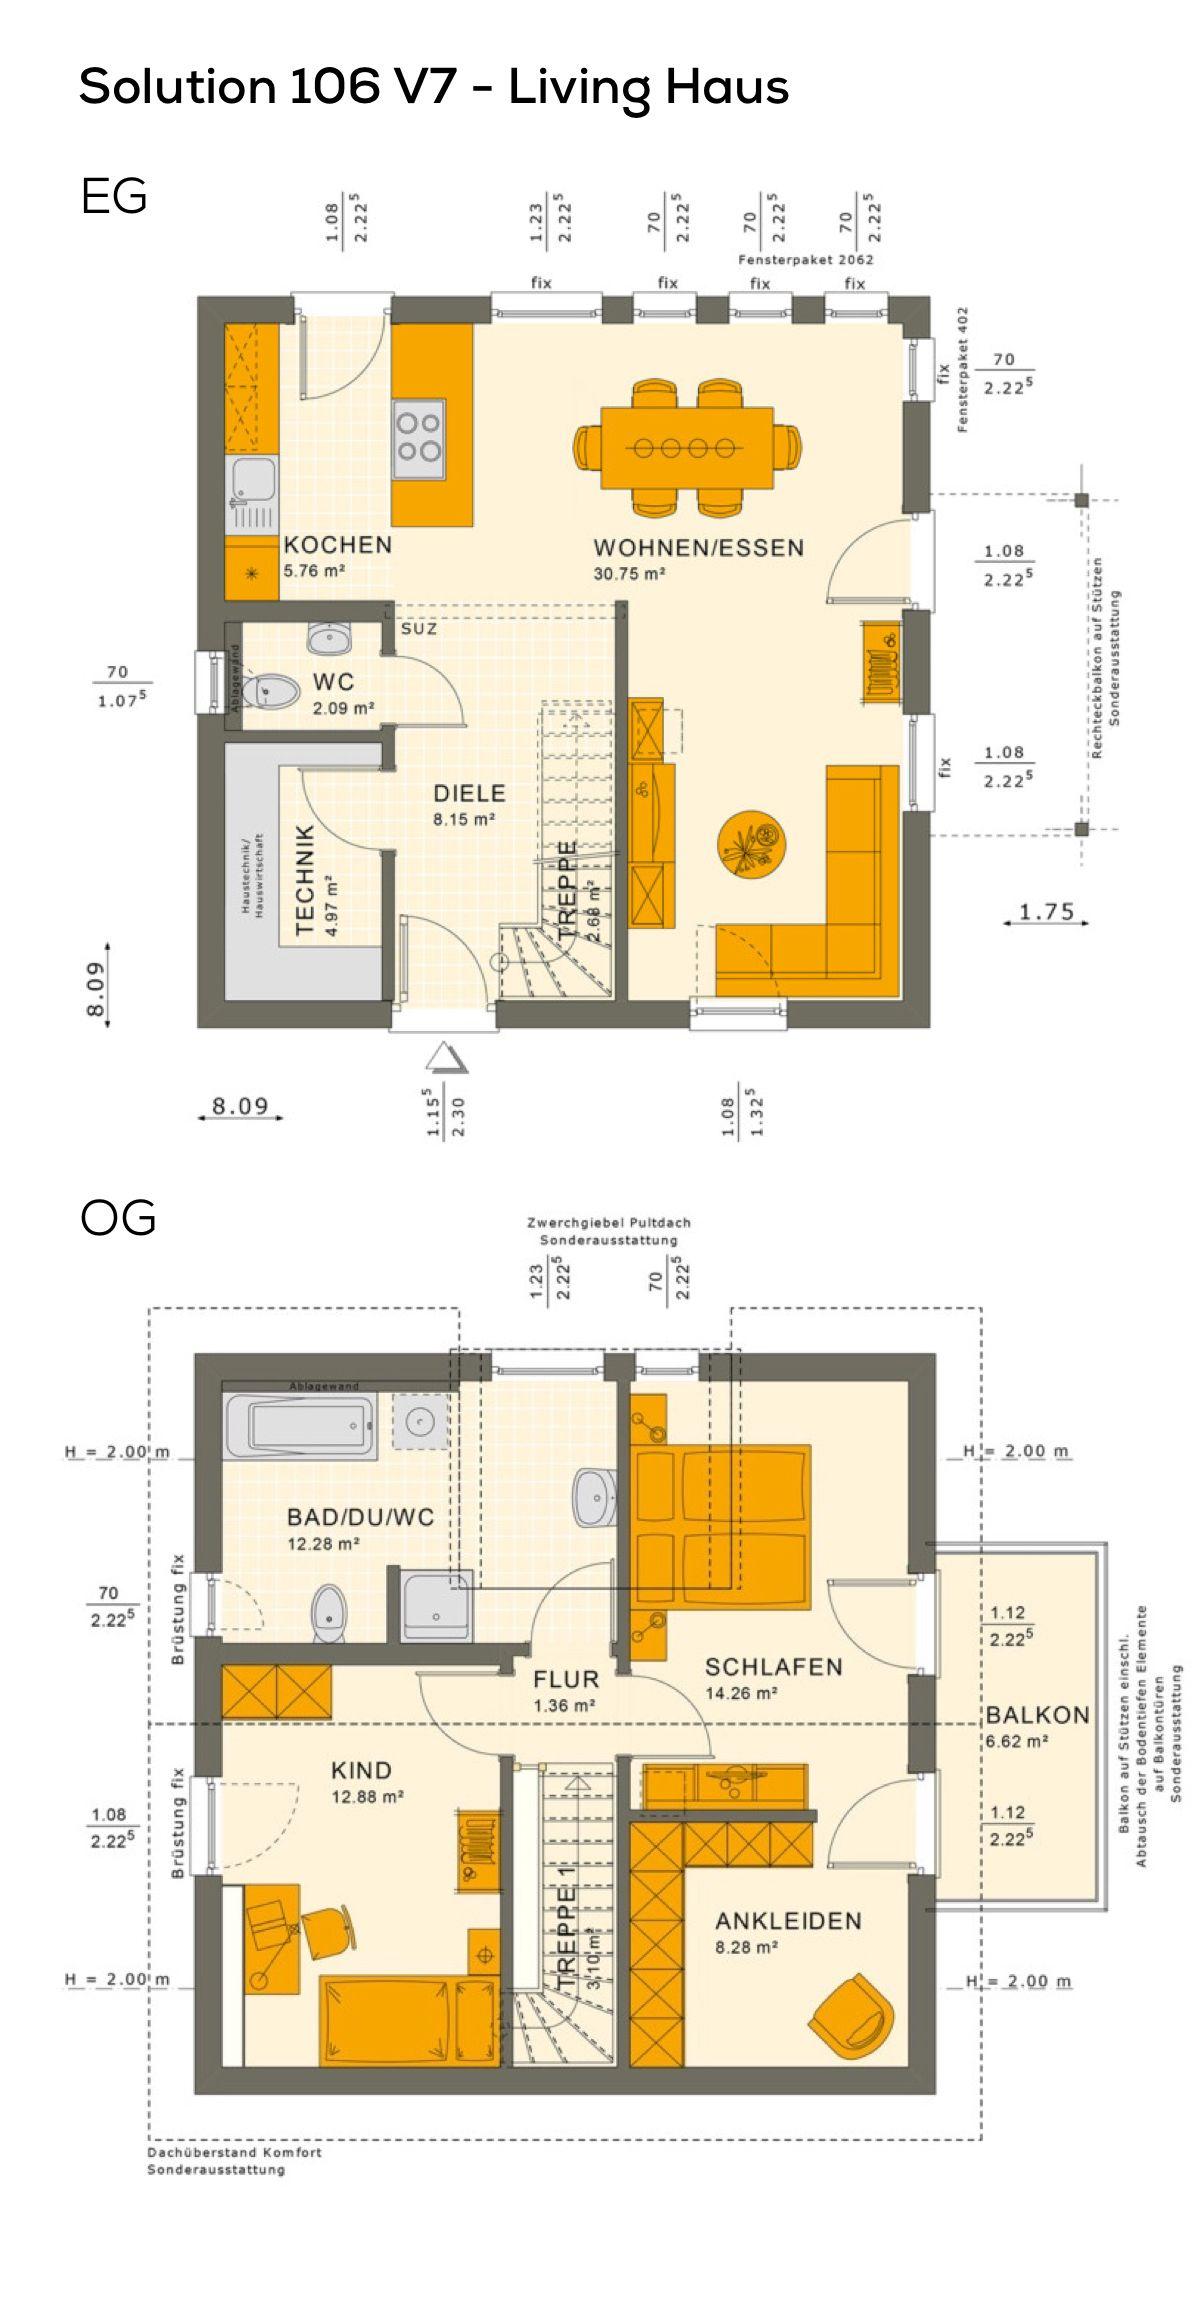 Wunderbar Grundriss Einfamilienhaus Modern Mit Satteldach Architektur U0026 Zwerchgiebel    3 Zimmer, 106 Qm Wfl.